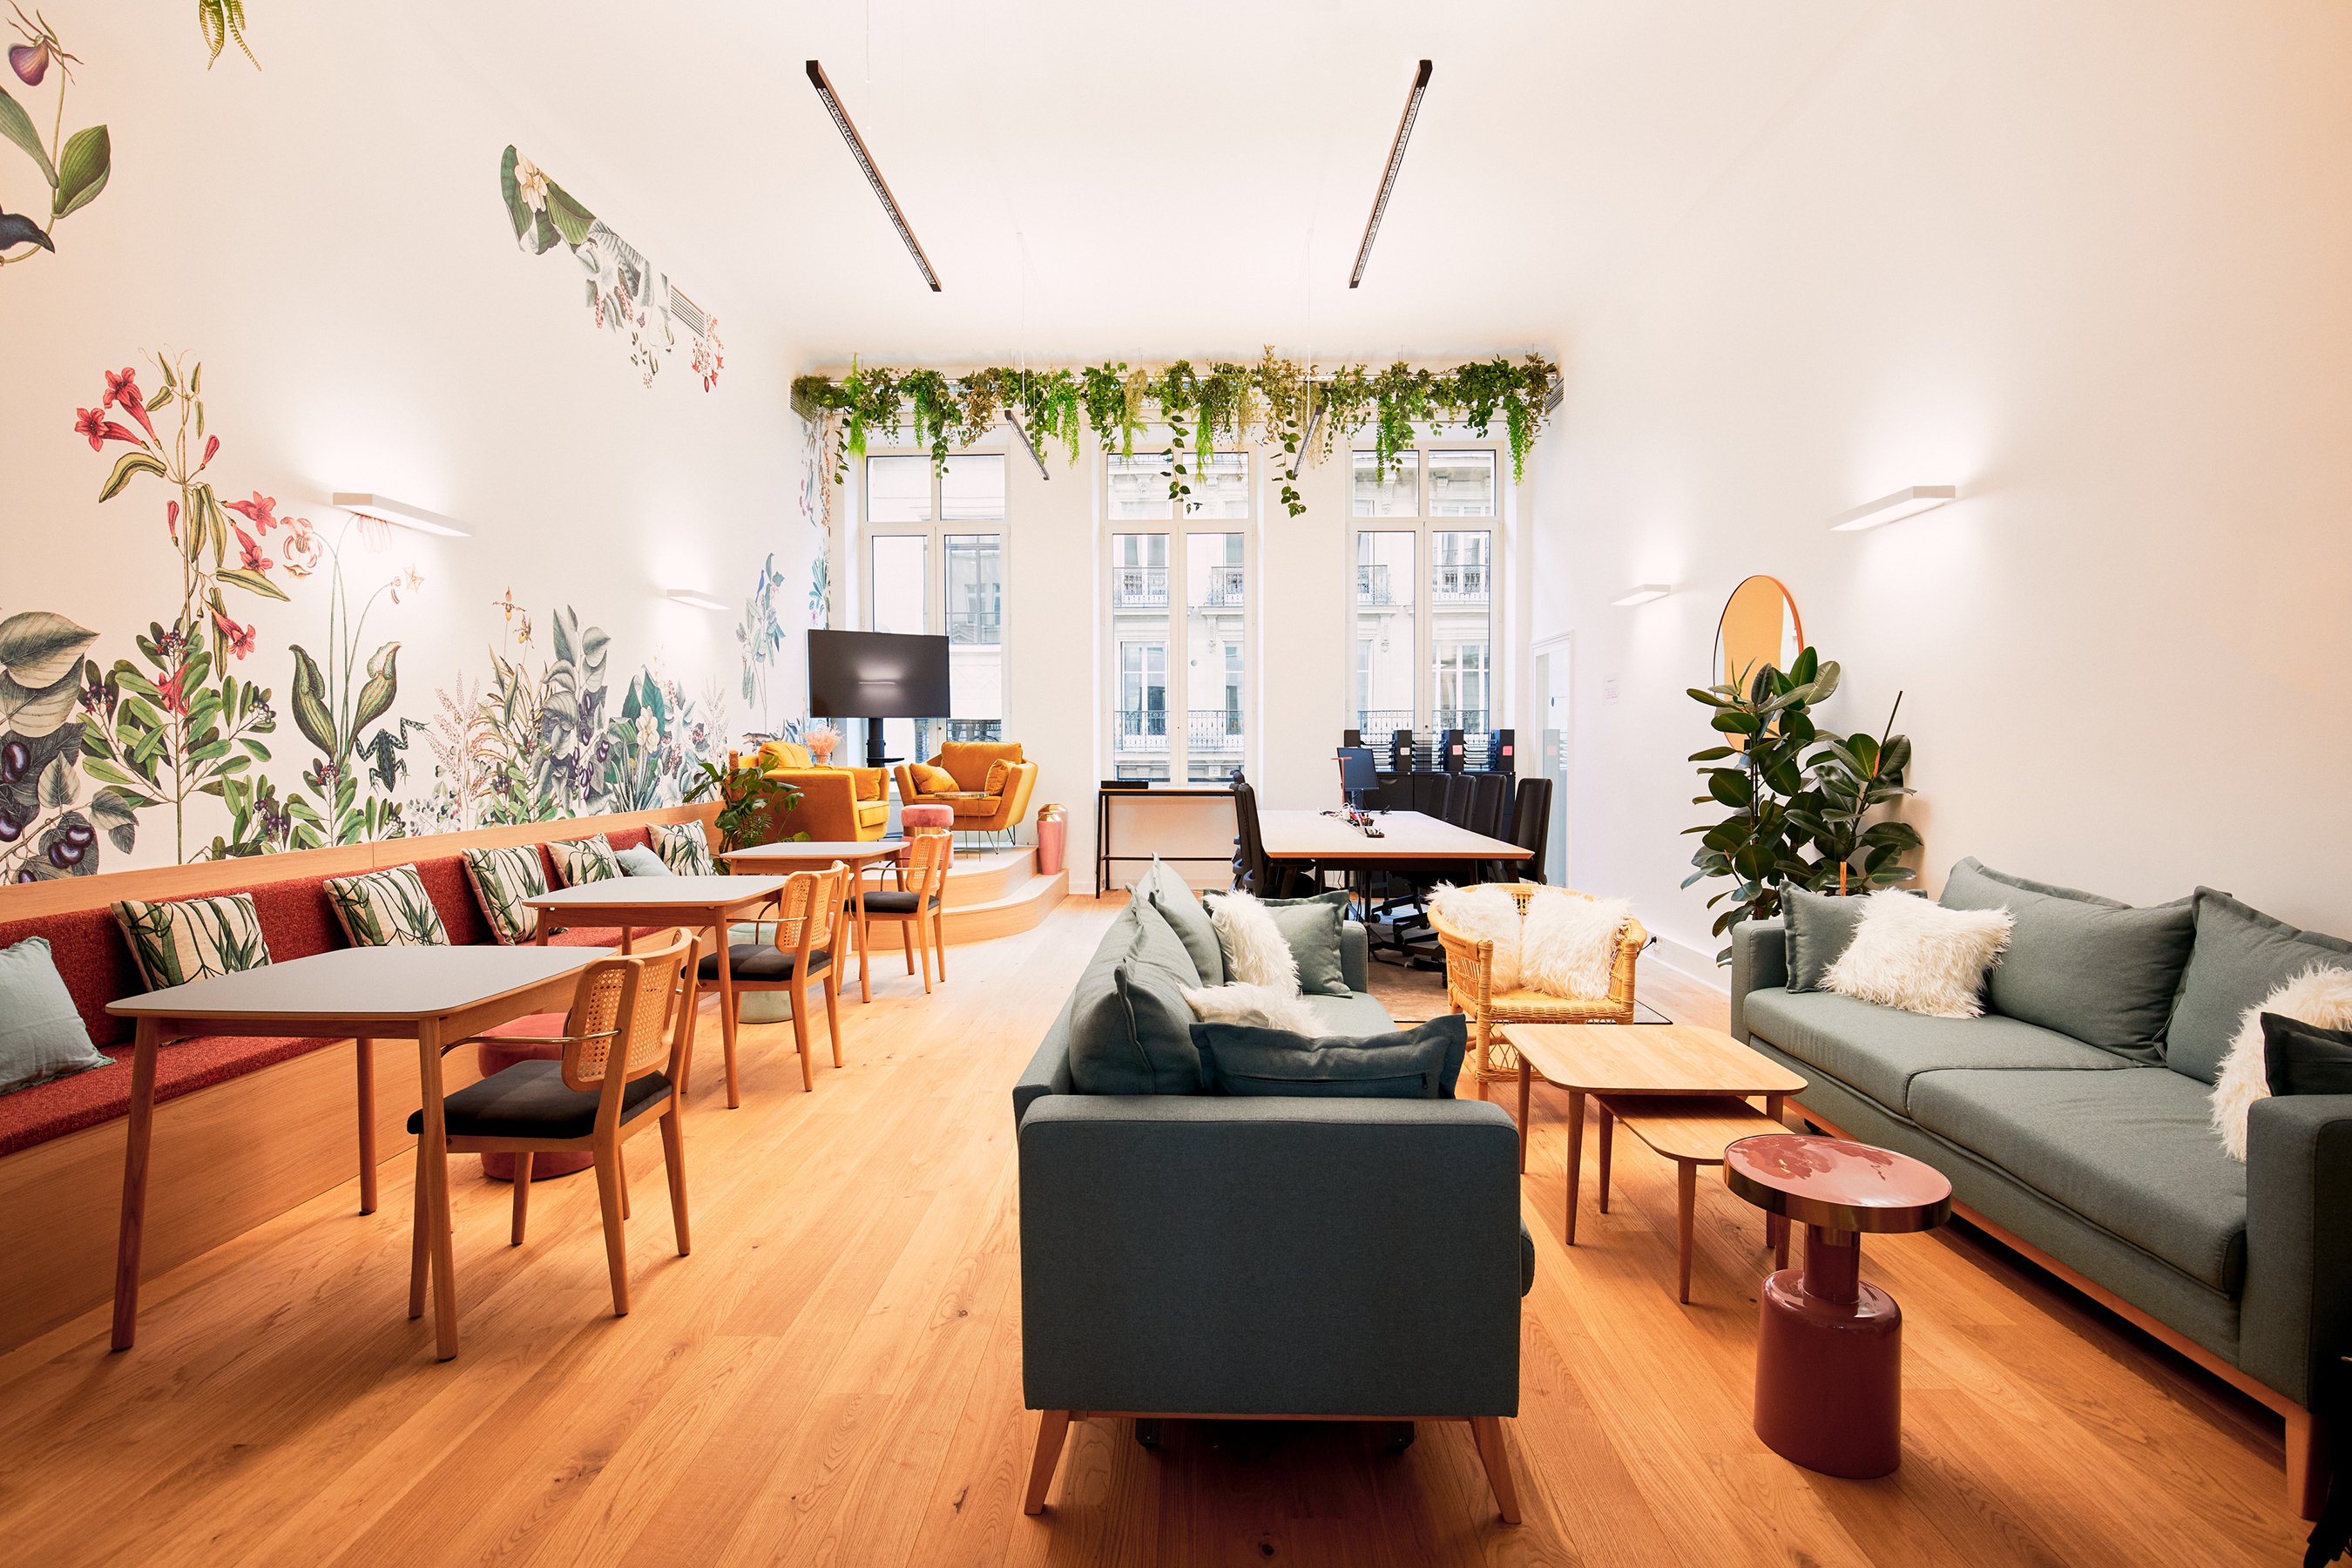 Aménagement espace bureau - espace de travail avec banquettes et canapés